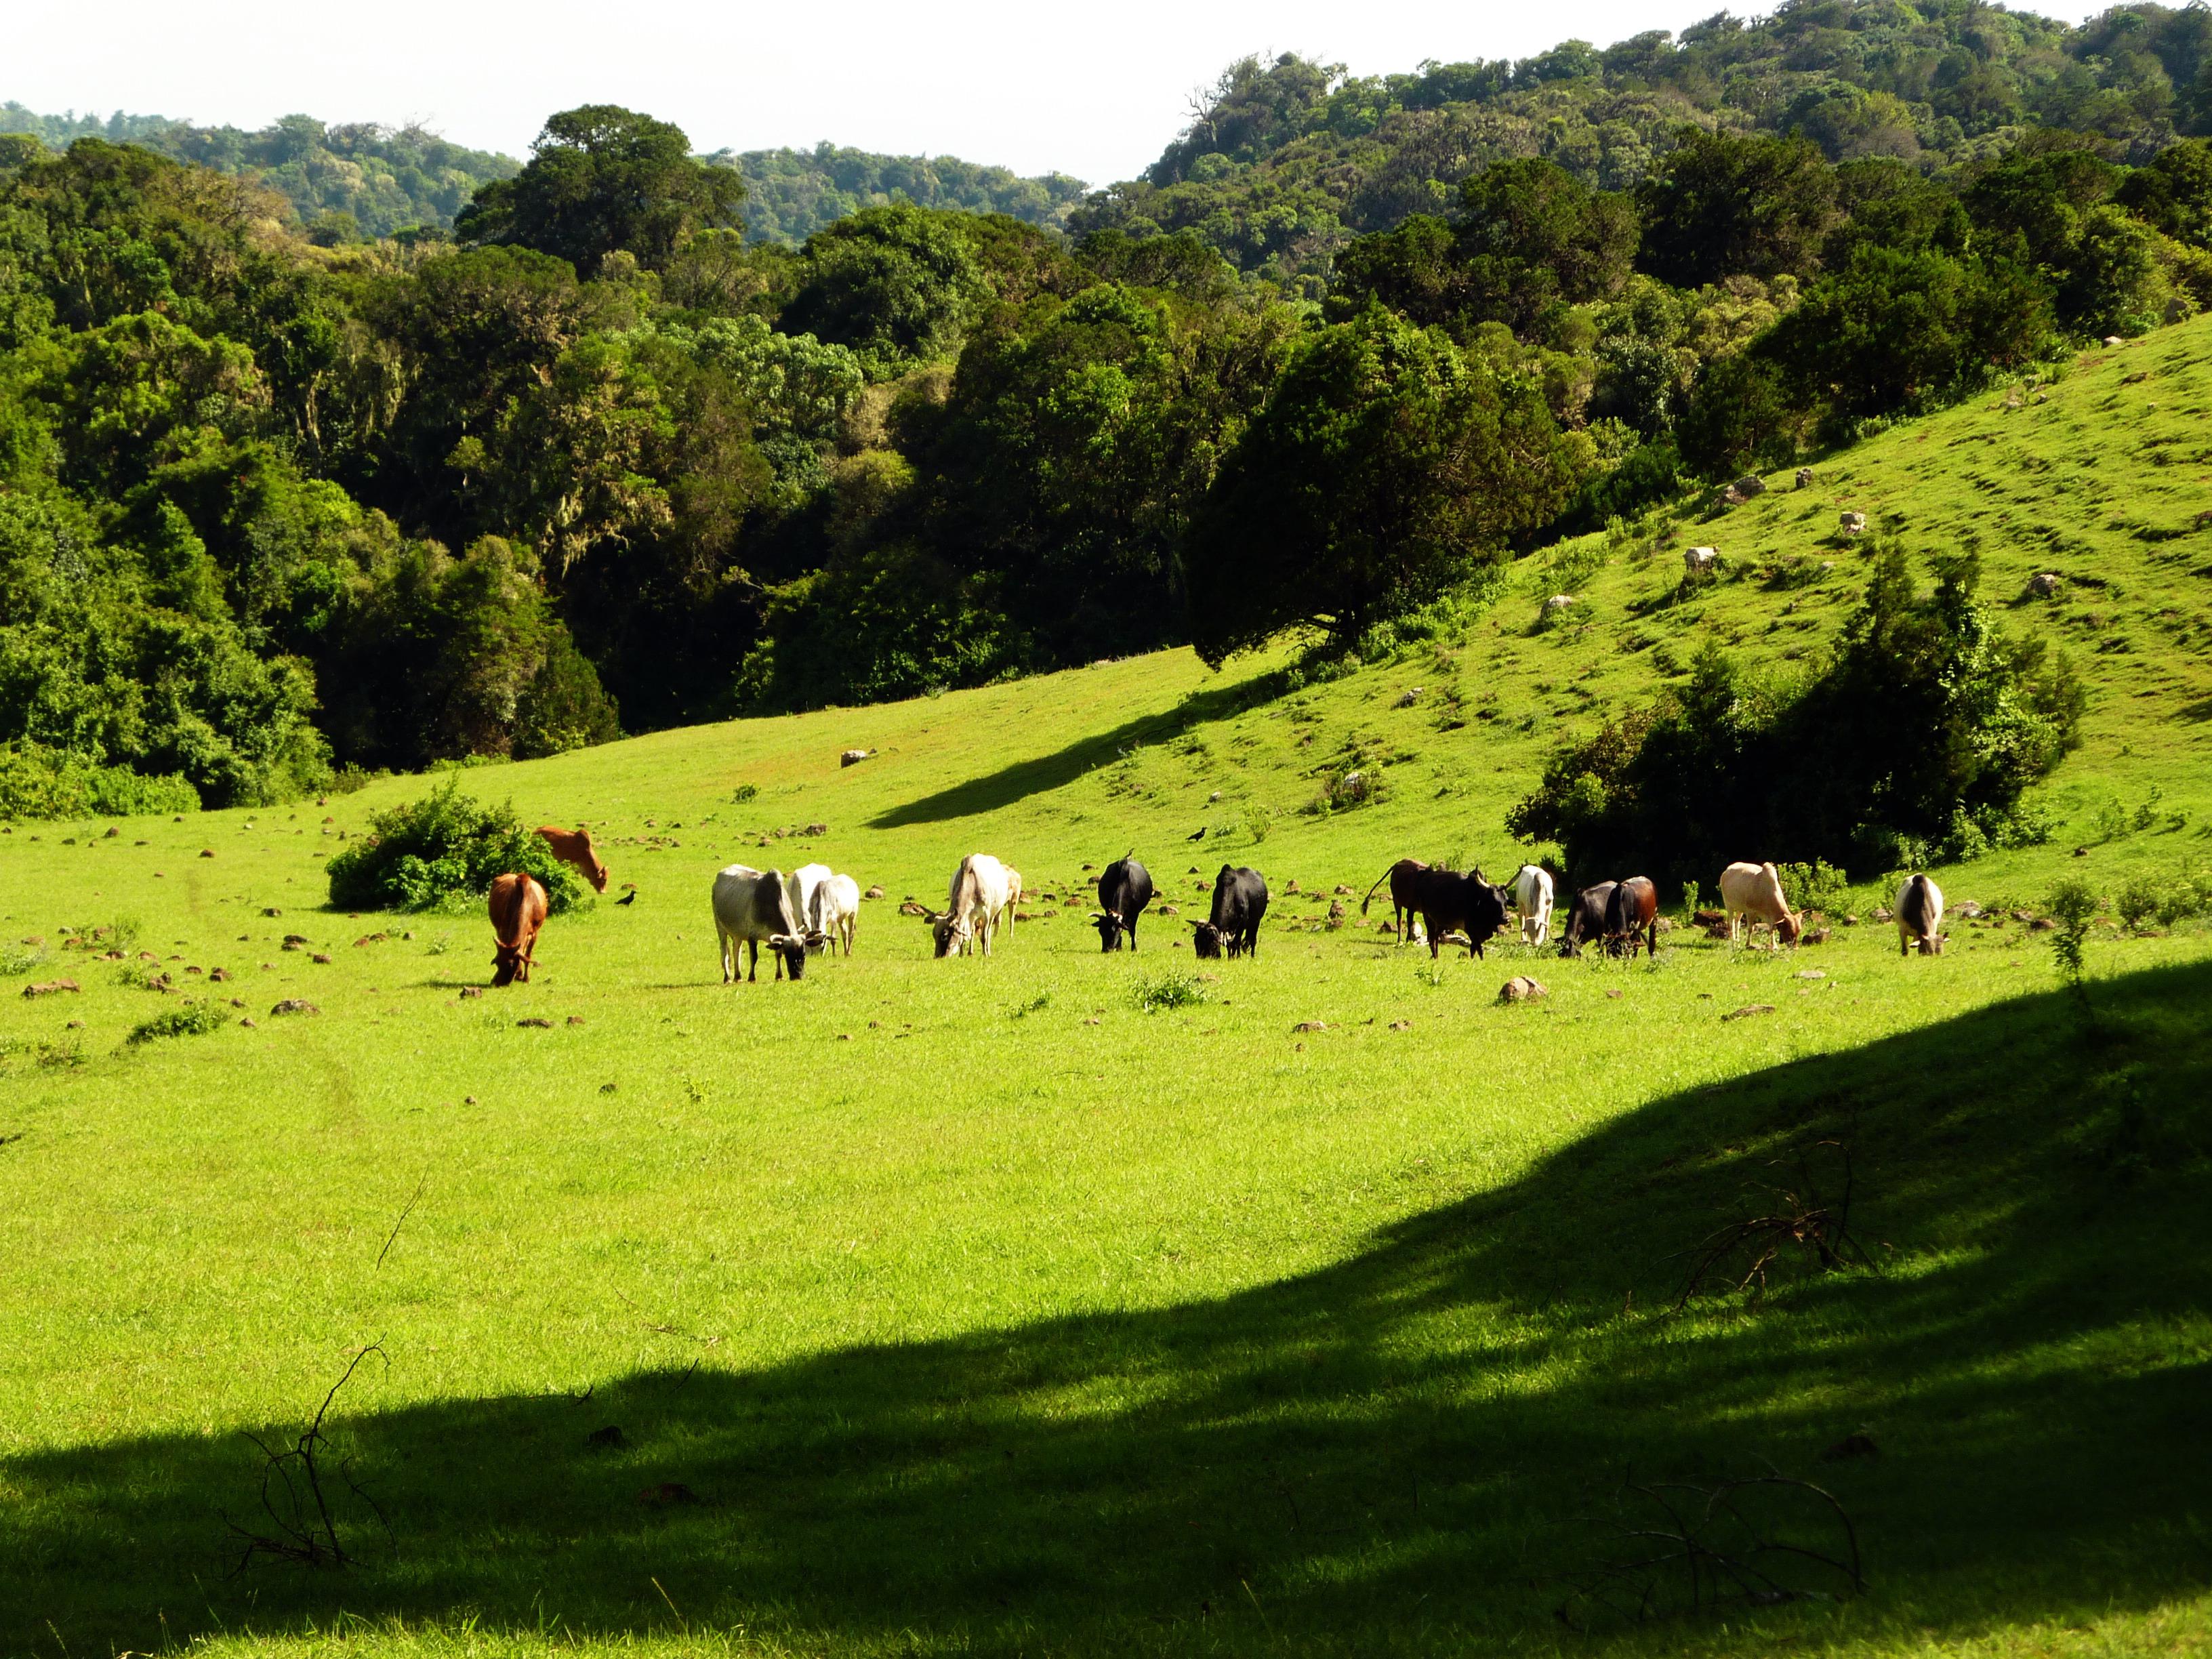 Krajina tesne po období dažďov (koniec decembra) ponúka ideálne podmienky pre pastvu dobytka.